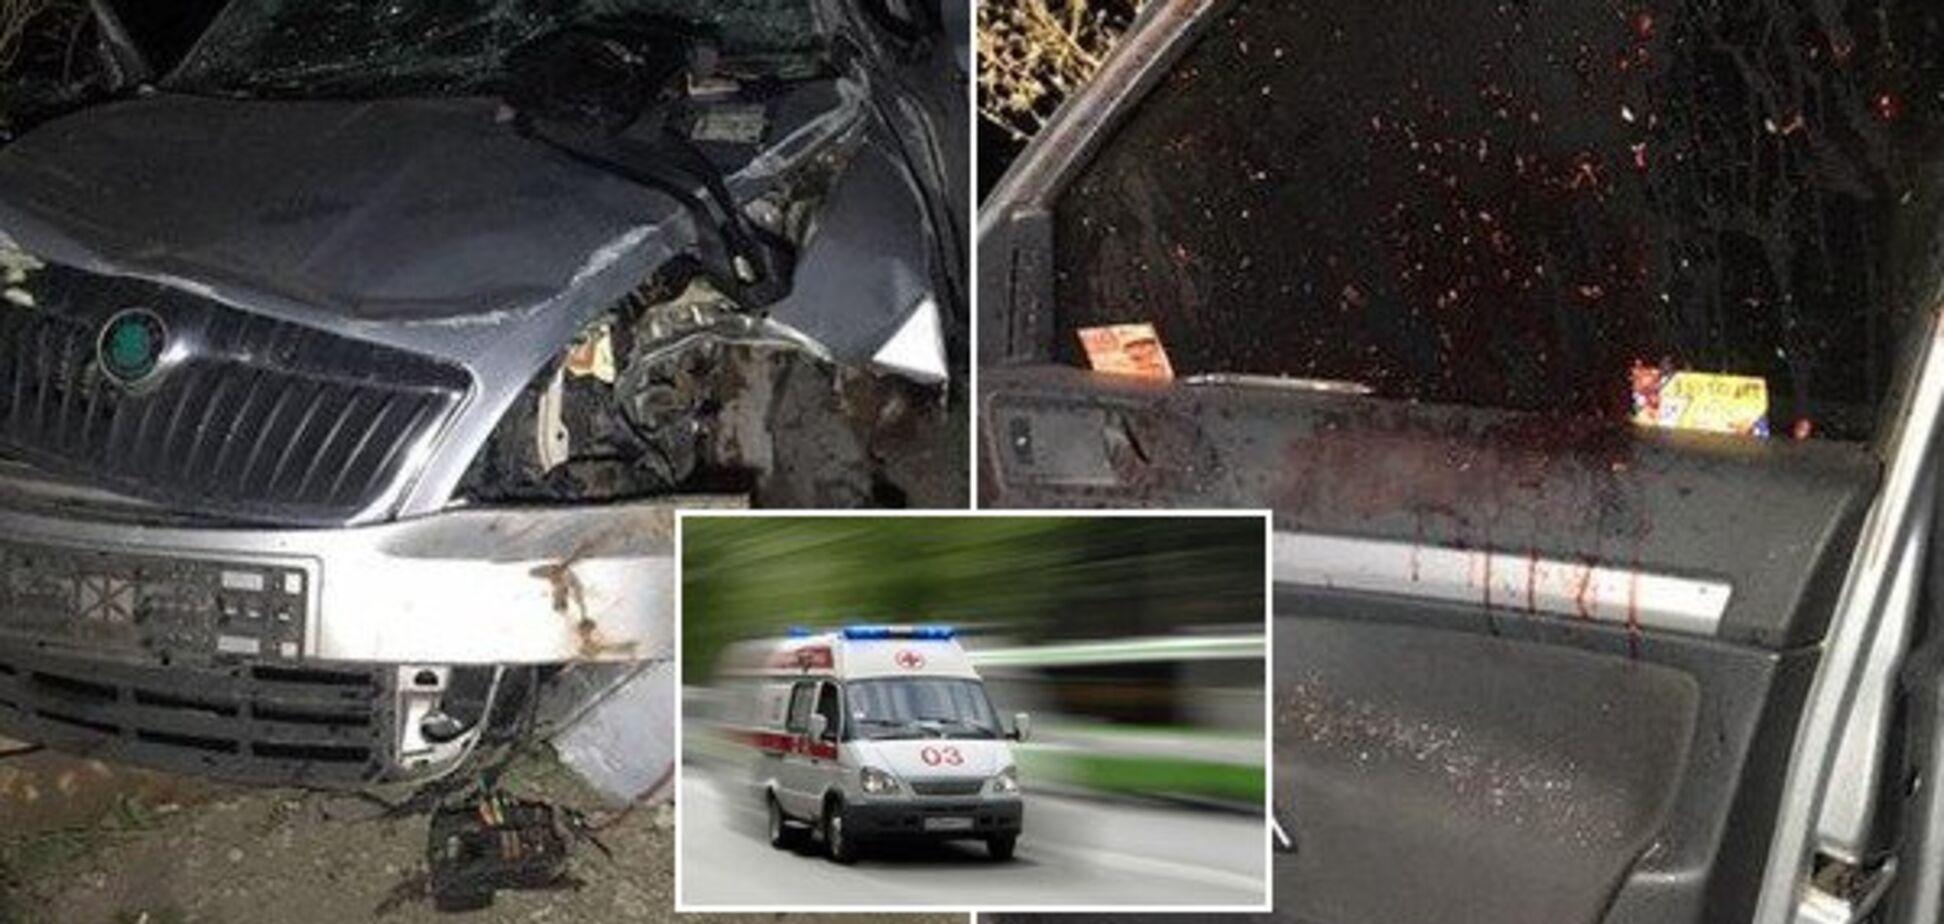 Перевернуло кілька разів: під Дніпром сталася жахлива ДТП з легковиком